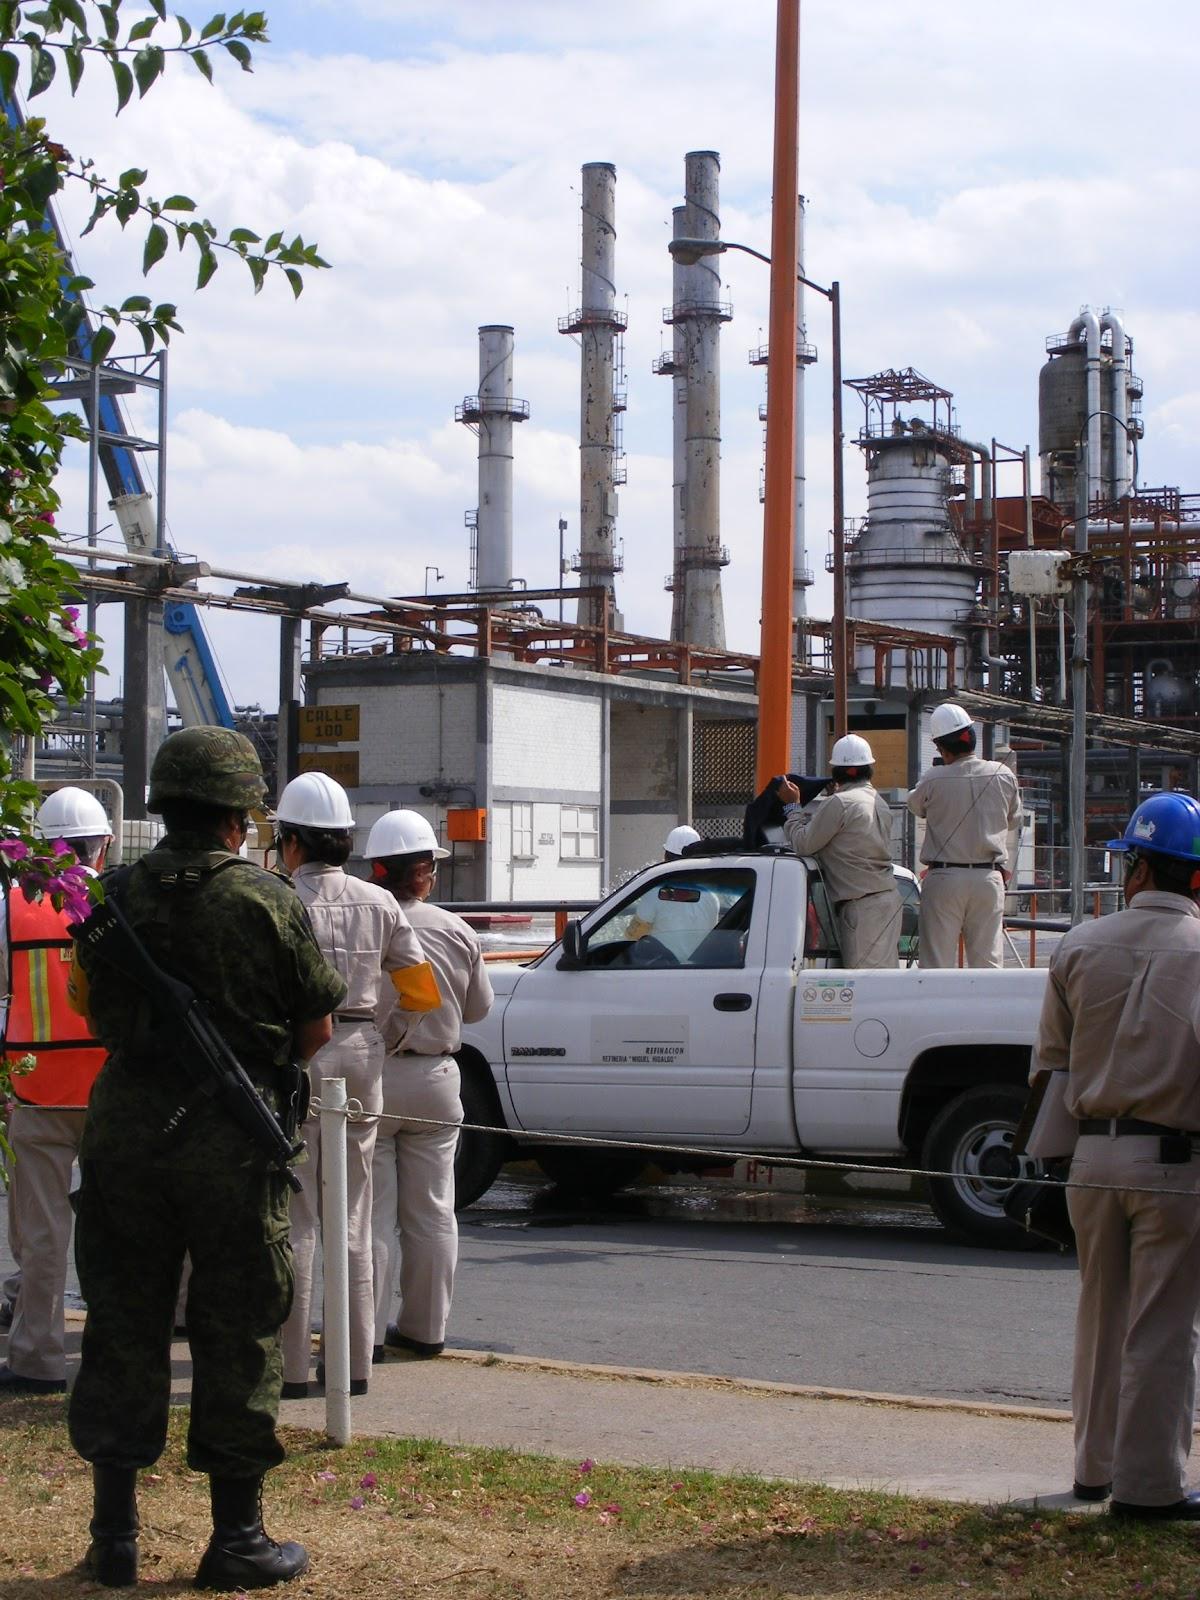 La refinería